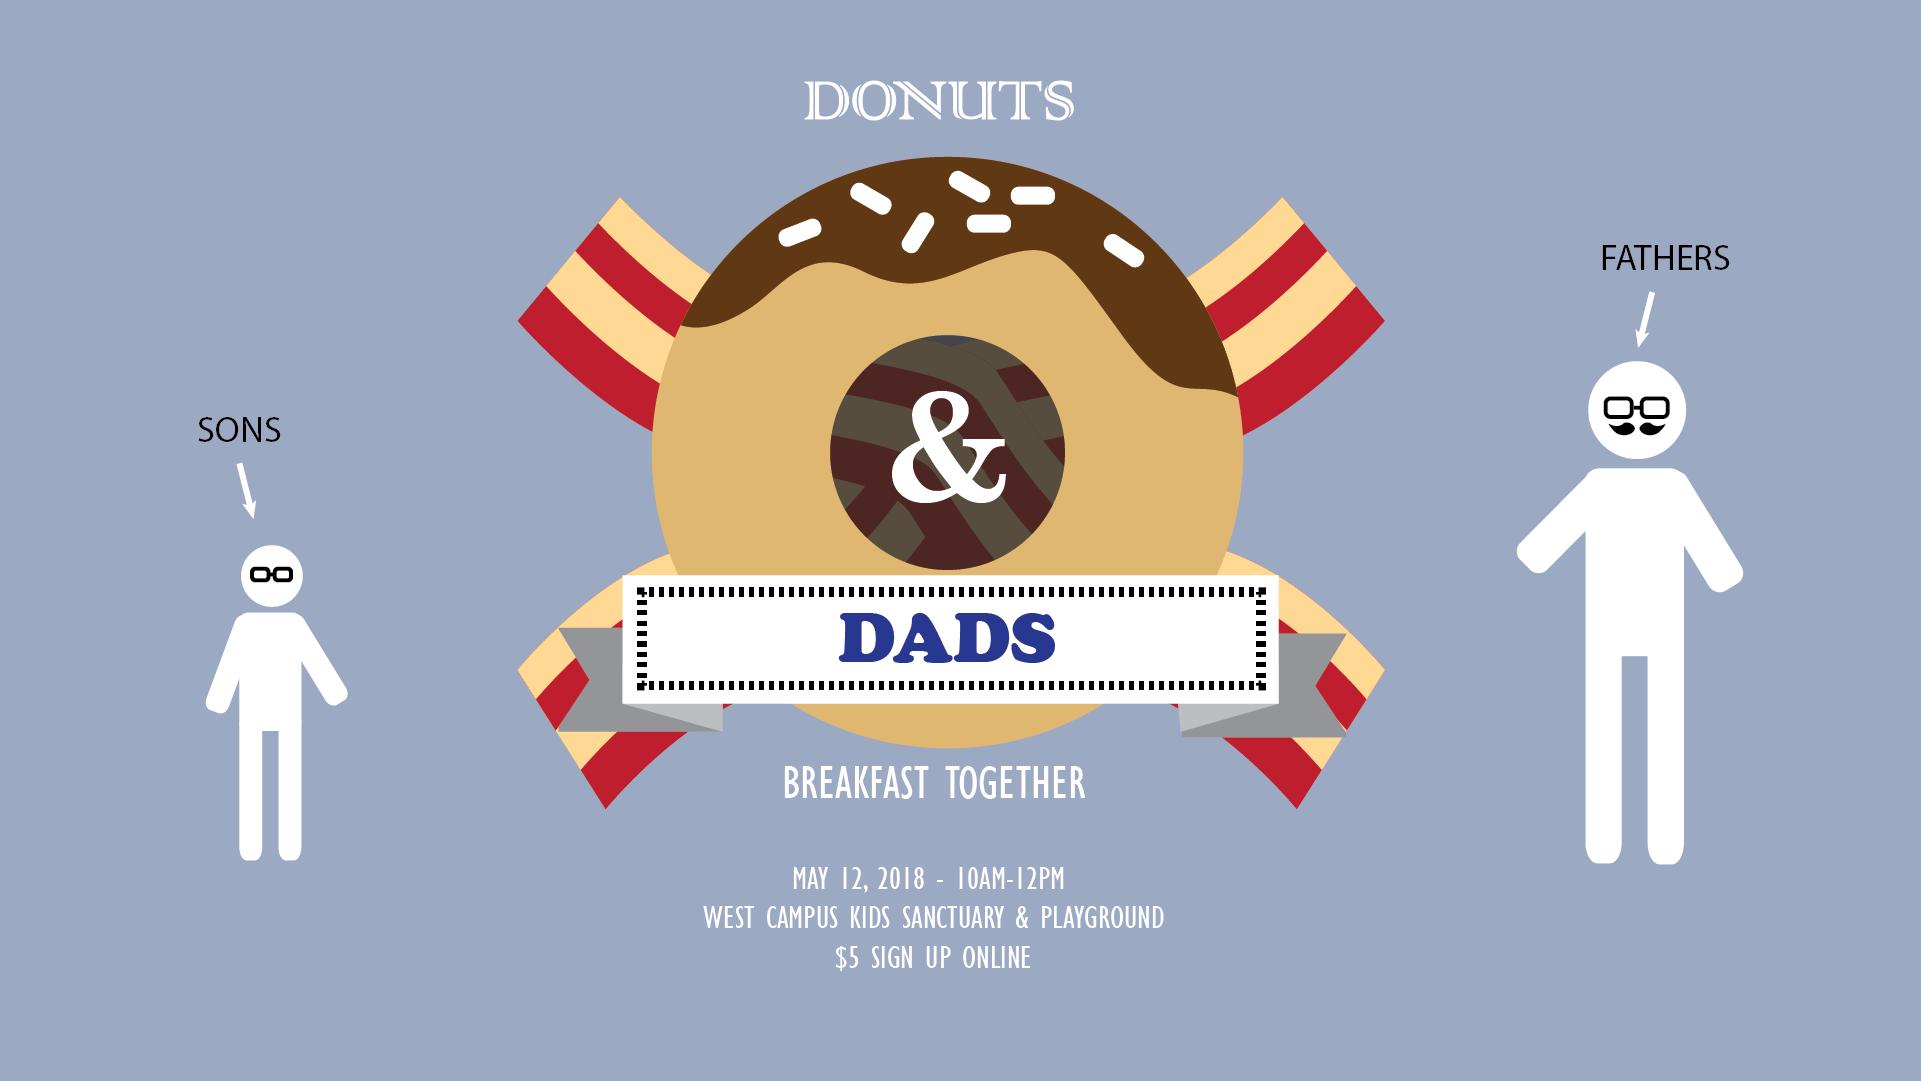 Donutsanddads v2 03